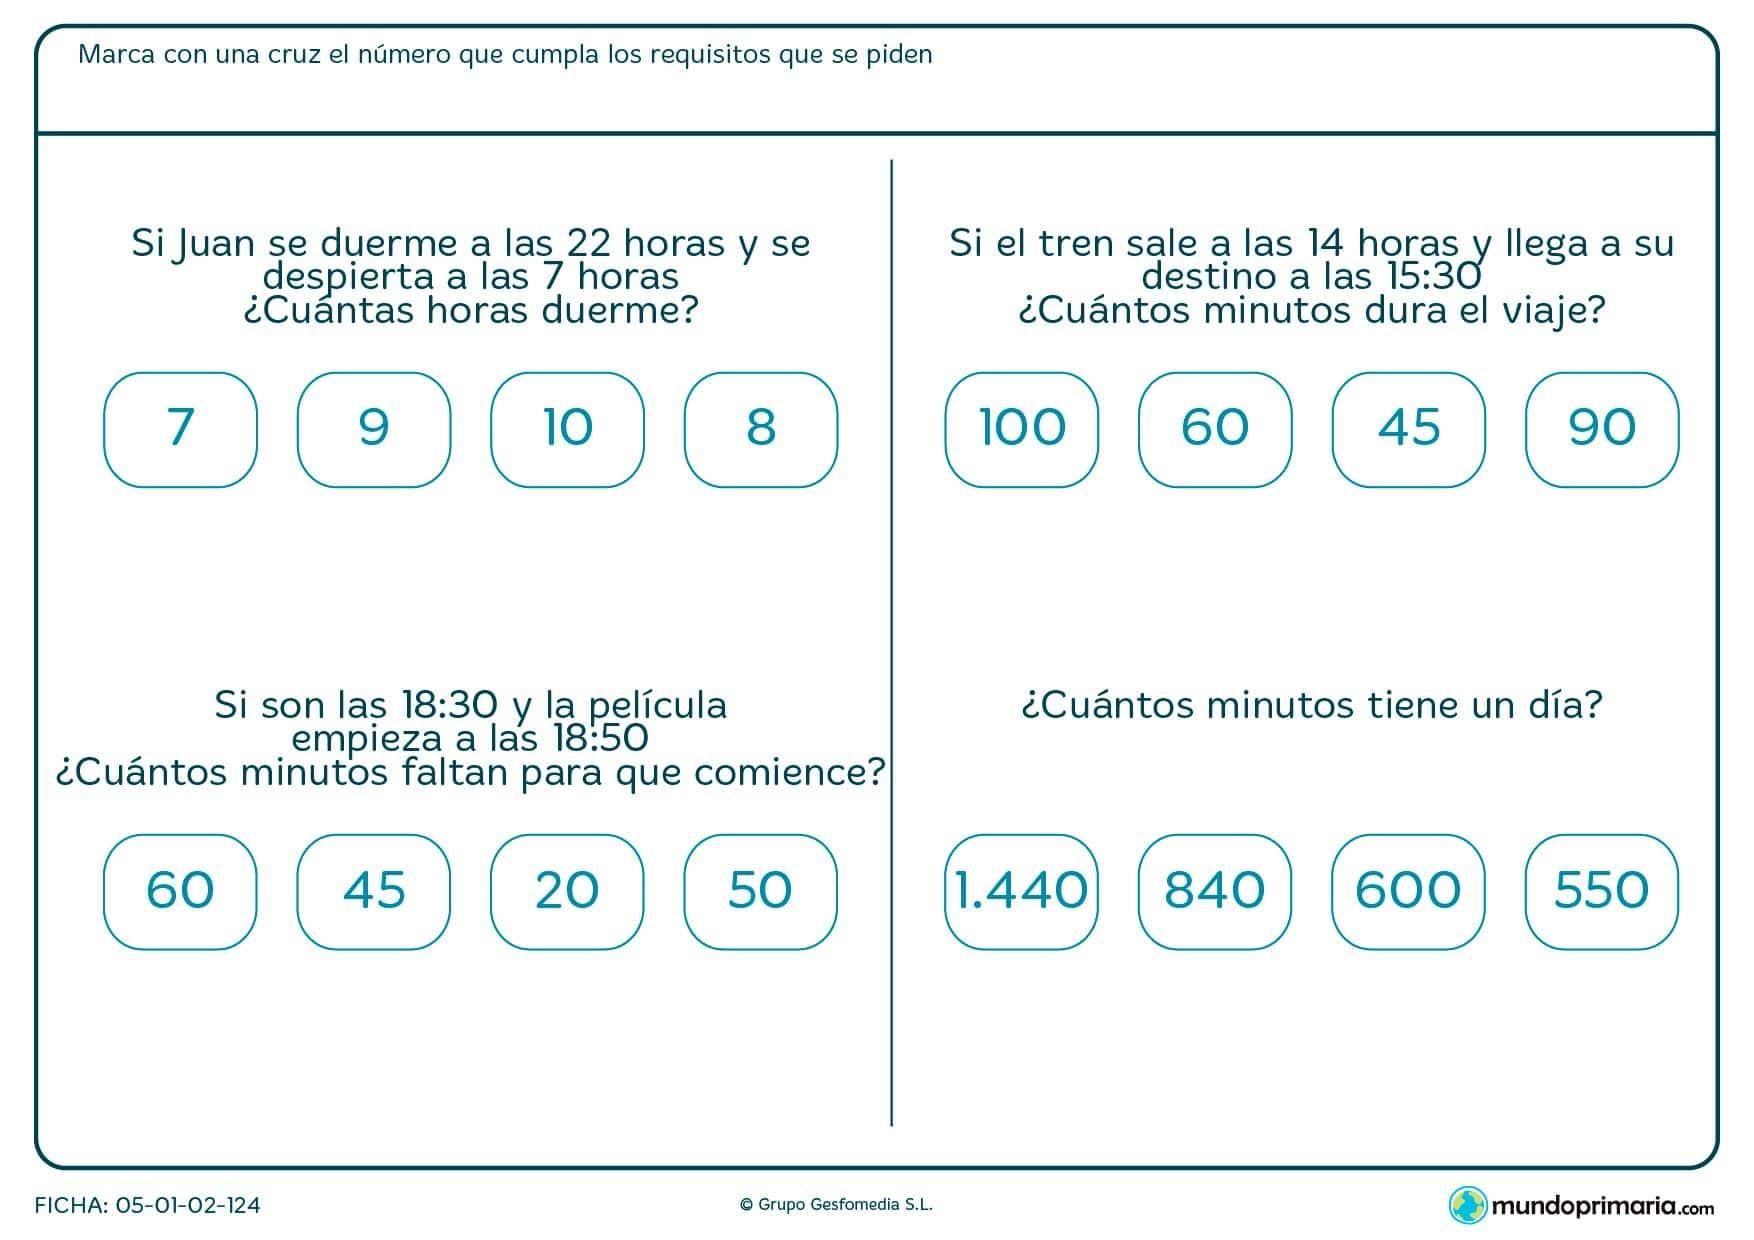 Ficha de averiguar minutos dentro de pequeños problemas relaccionados con el tiempo que tarda o dura una situación cotidiana.